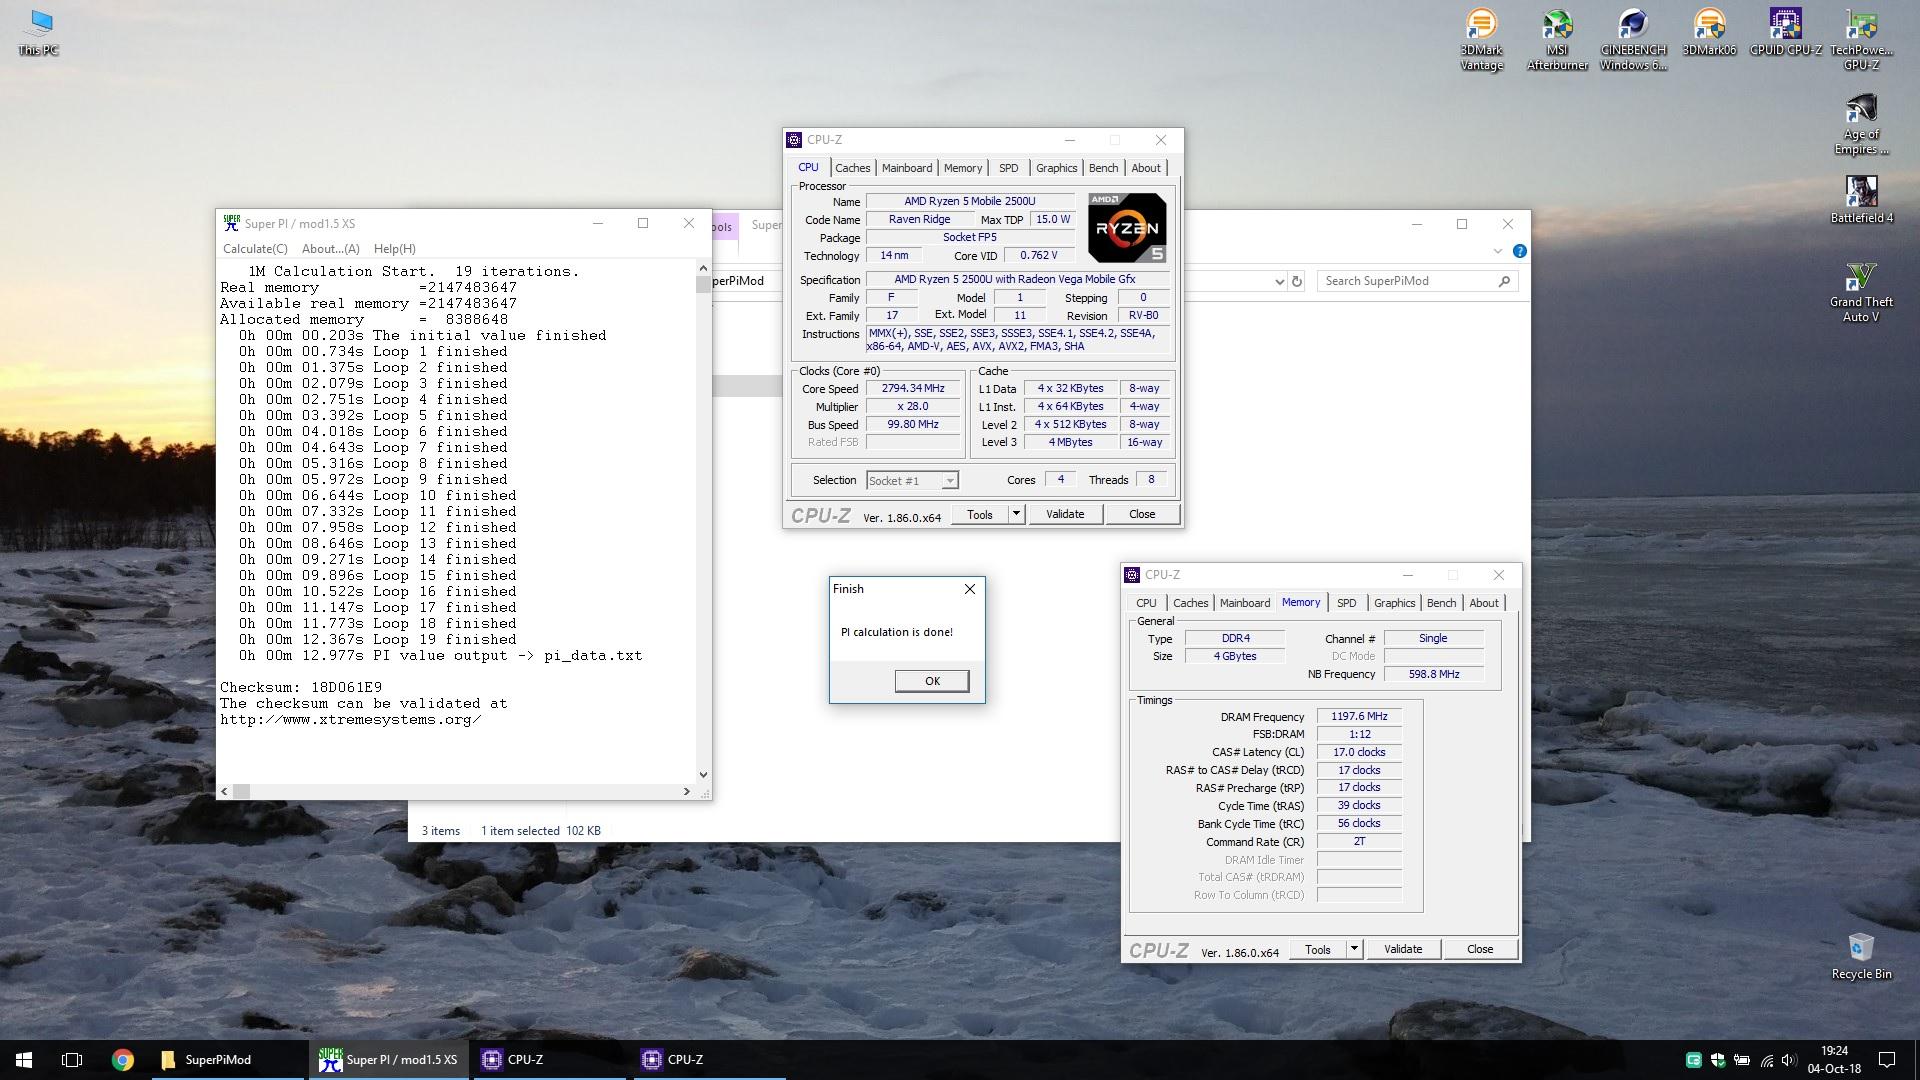 Vino85`s SuperPi - 1M score: 12sec 320ms with a Ryzen 5 2500U